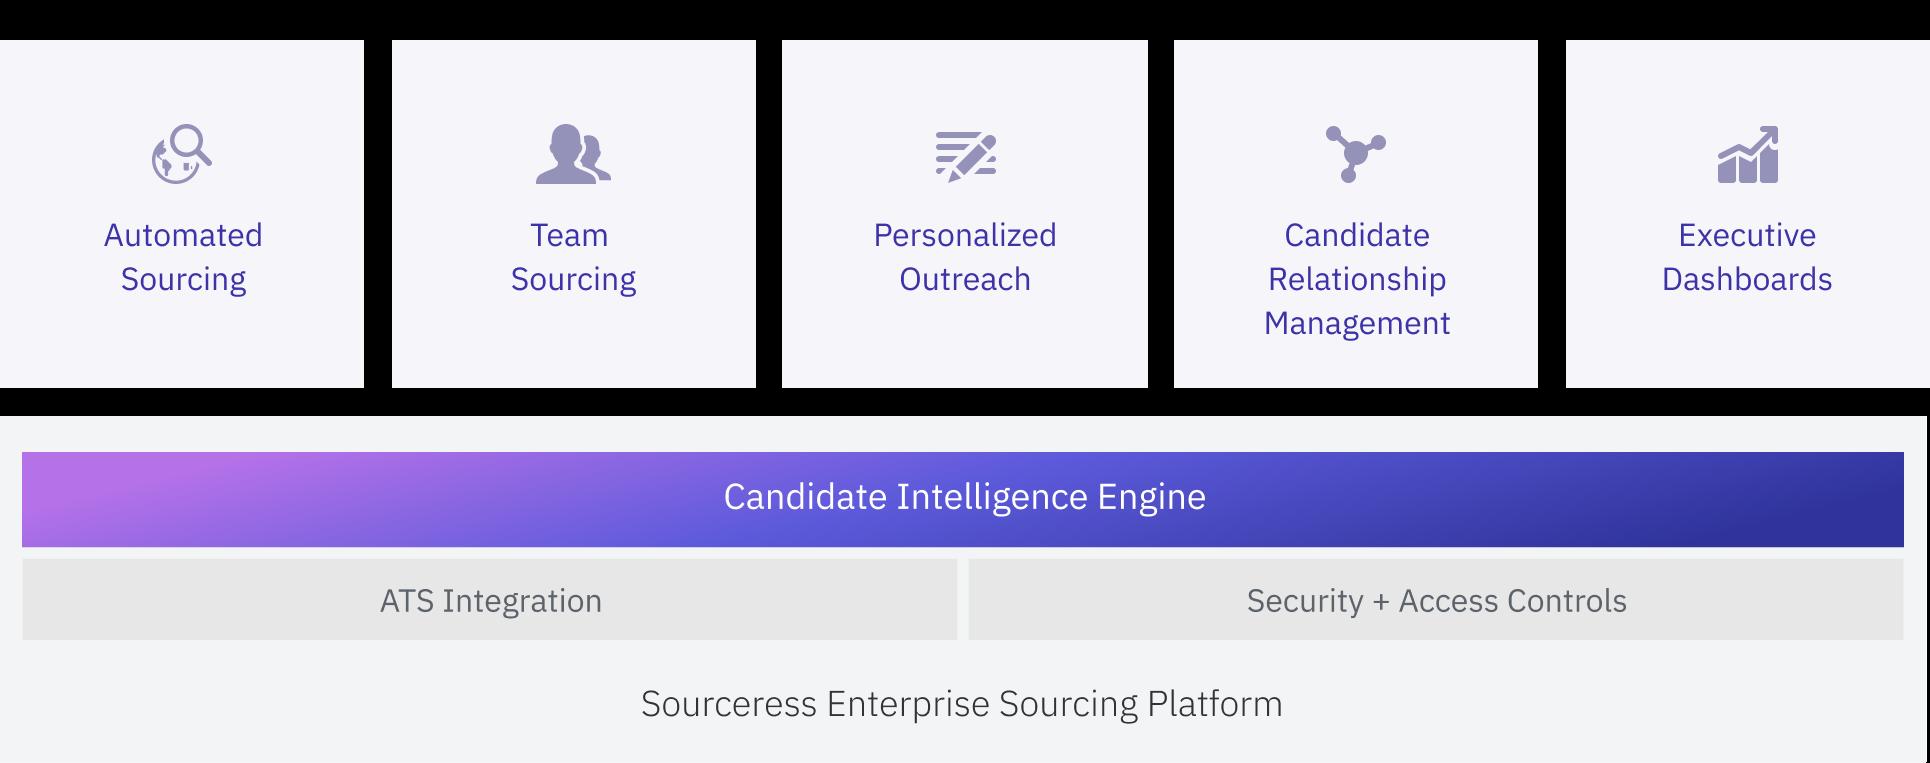 Diagram of Sourceress enterprise sourcing platform